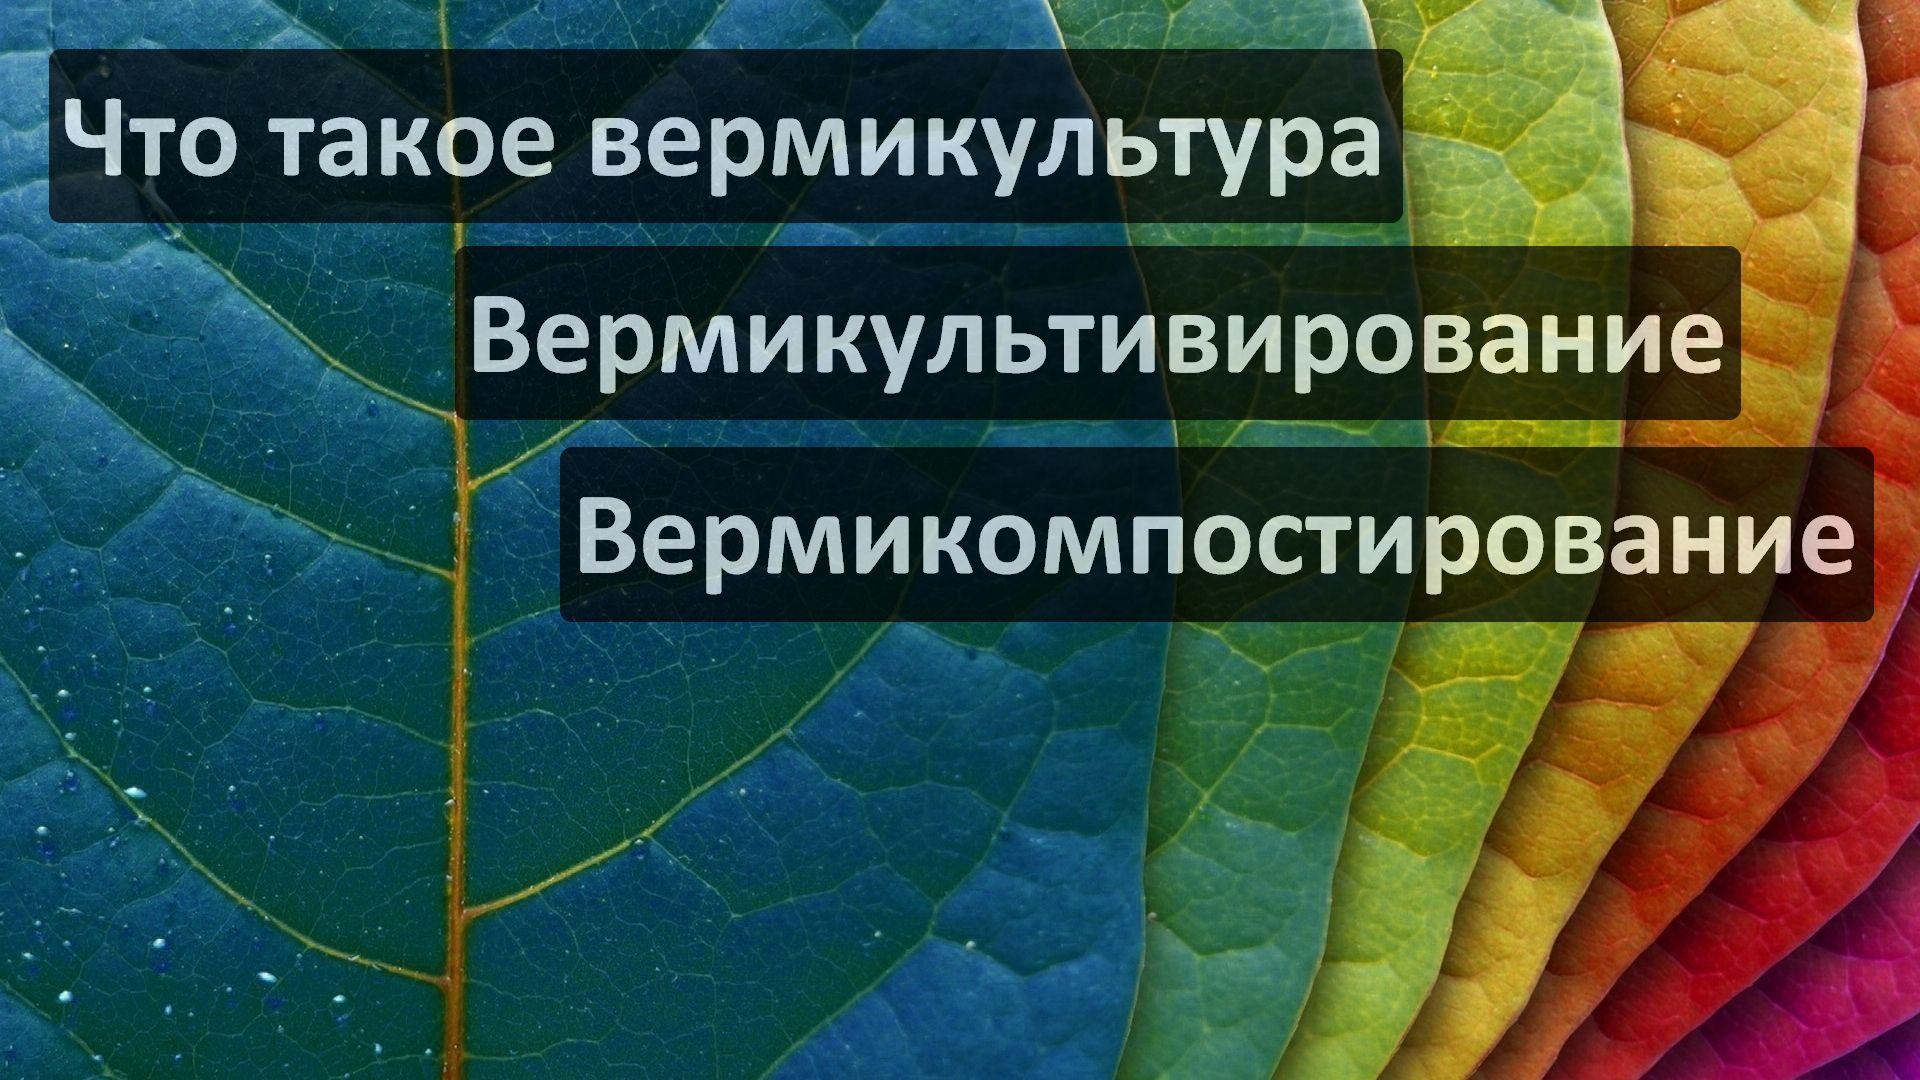 Что такое вермикультура, вермикультивирование, вермикомпостирование